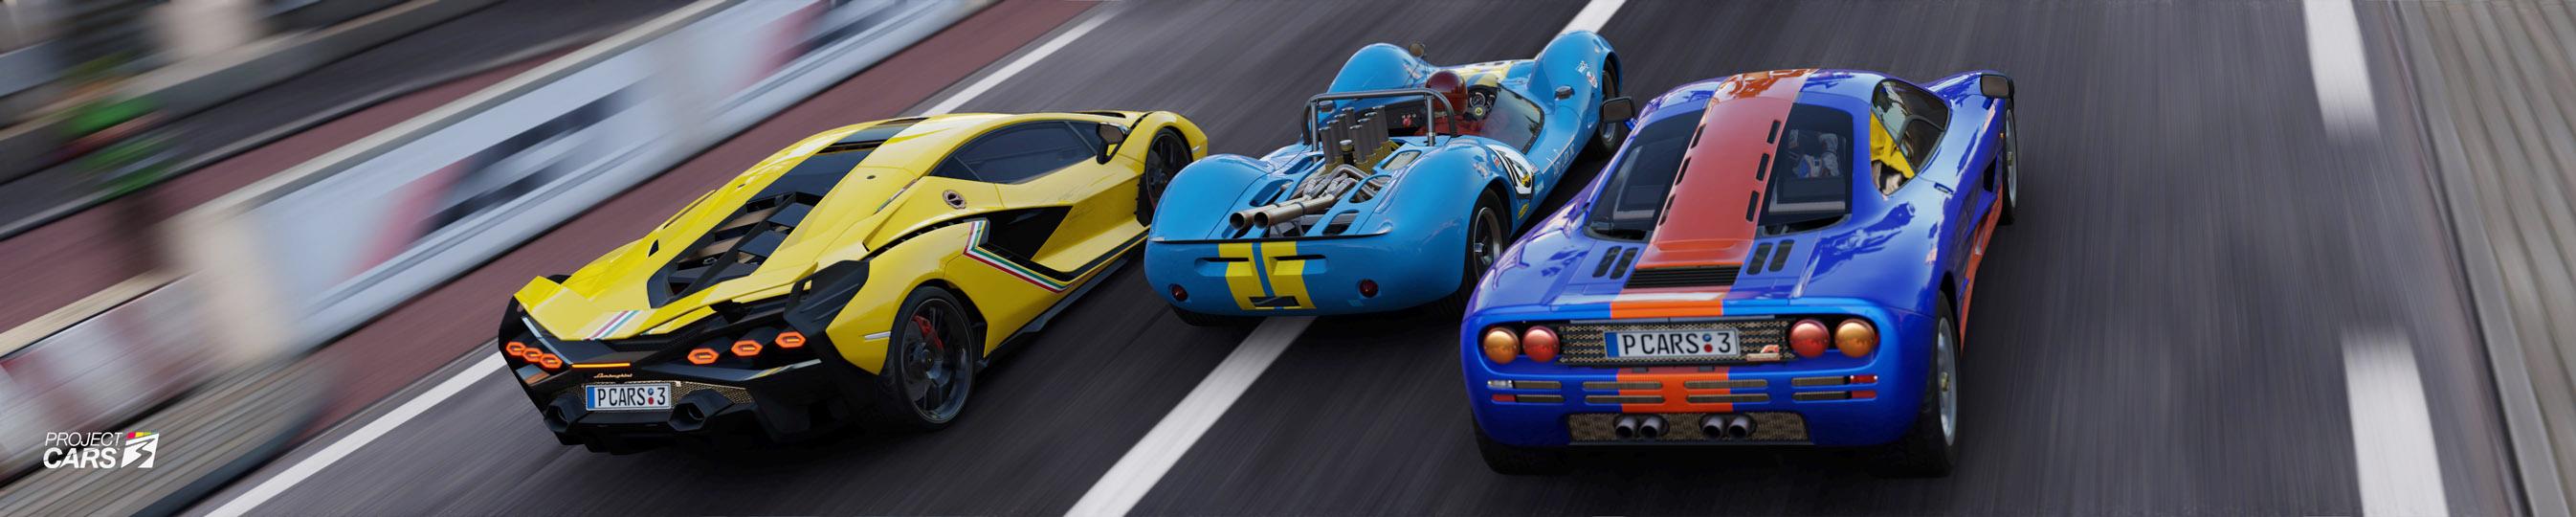 5 PROJECT CARS 3 Ferrari Lambo Henessay DLC crop copy.jpg